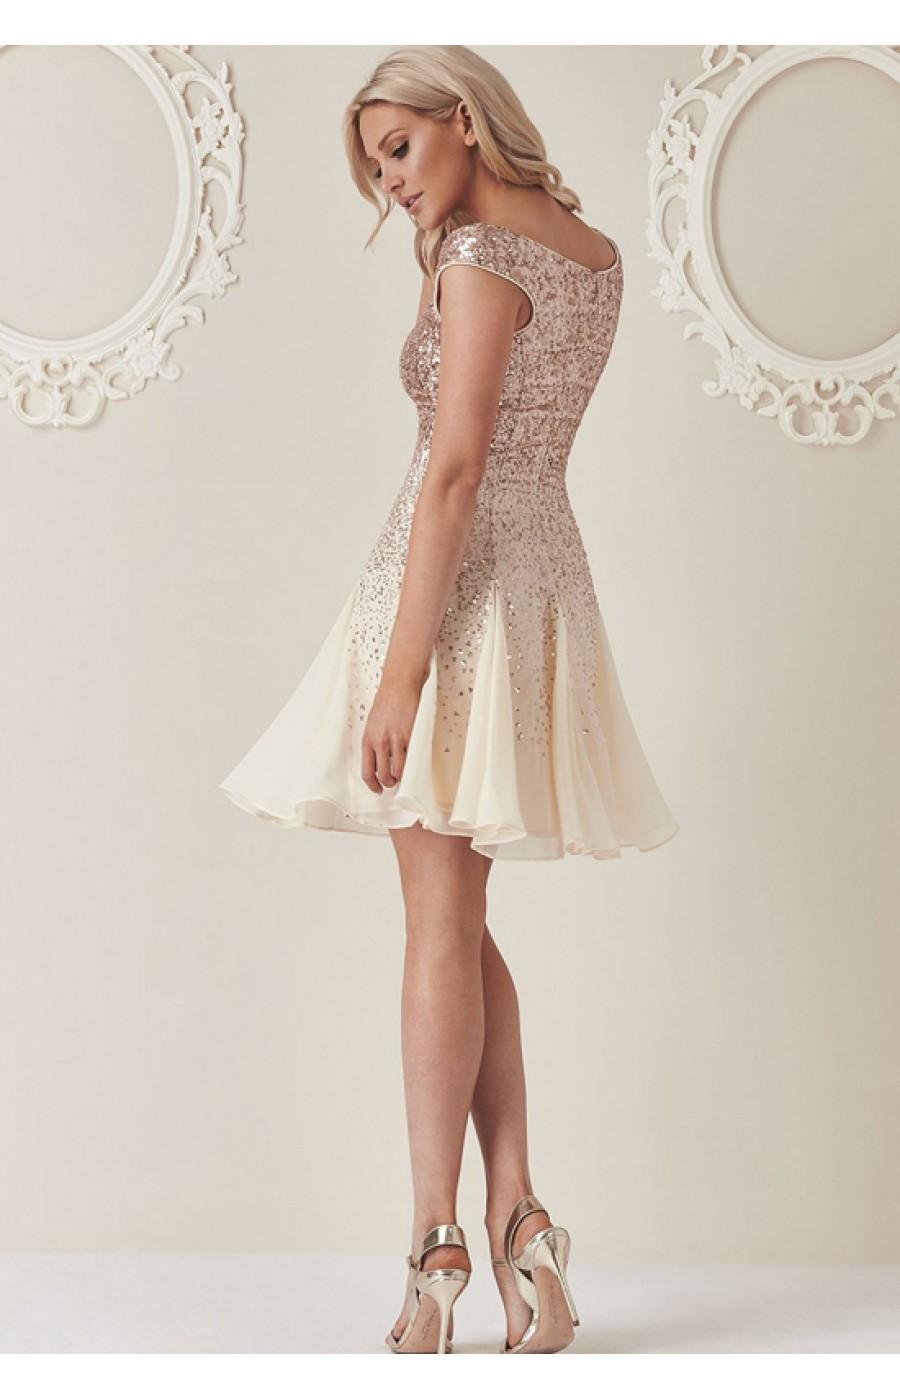 Μίνι φόρεμα με παγιέτες και σιφόν